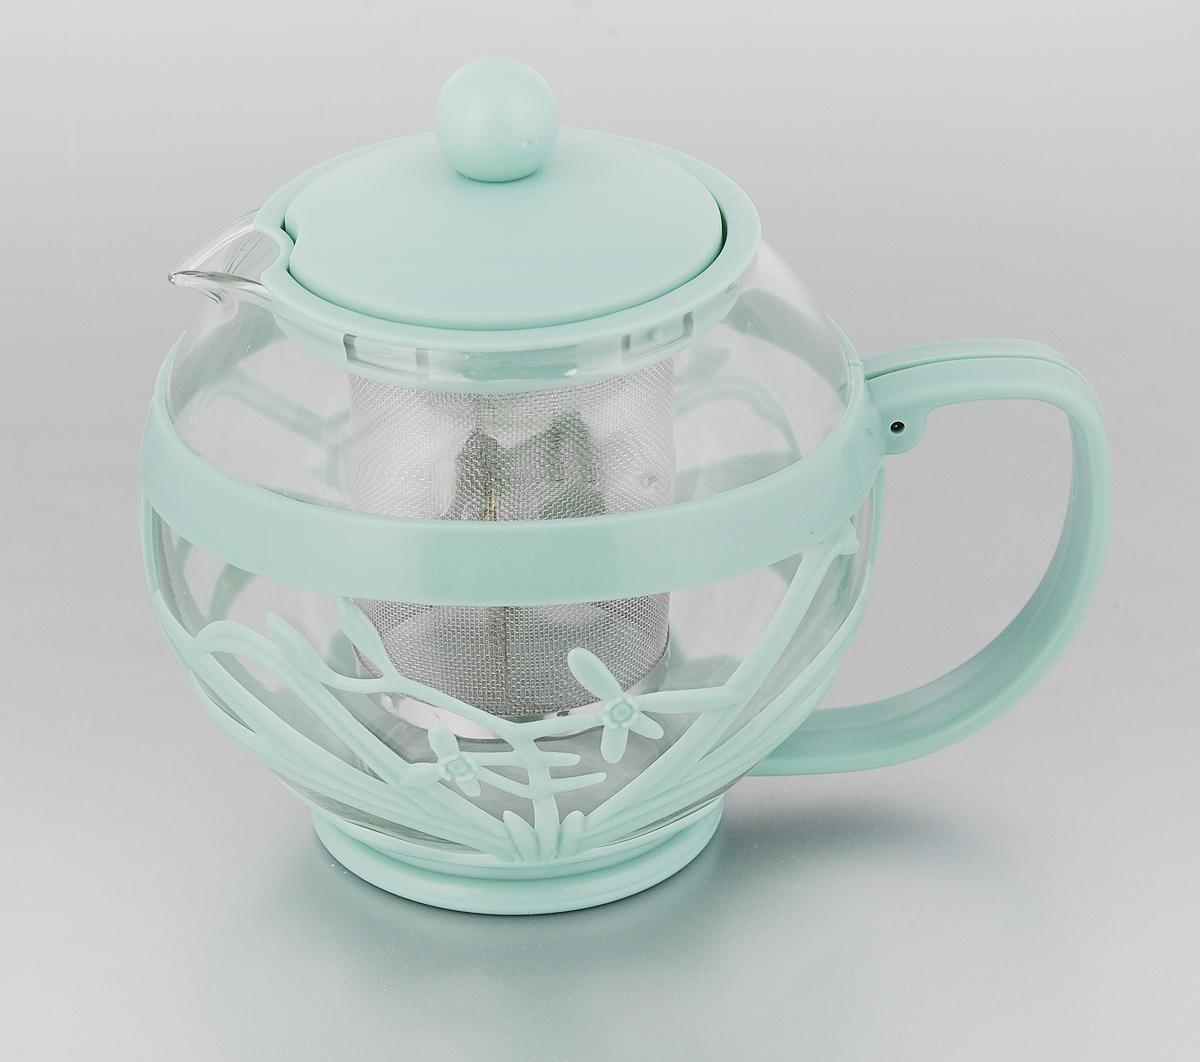 Чайник заварочный Menu Мелисса, с фильтром, цвет: прозрачный, серо-зеленый , 750 млMLS-75_серо-зеленыйЧайник Menu Мелисса изготовлен из прочного стекла и пластика. Он прекрасно подойдет для заваривания чая и травяных напитков. Классический стиль и оптимальный объем делают его удобным и оригинальным аксессуаром. Изделие имеет удлиненный металлический фильтр, который обеспечивает высокое качество фильтрации напитка и позволяет заварить чай даже при небольшом уровне воды. Ручка чайника не нагревается и обеспечивает безопасность использования. Нельзя мыть в посудомоечной машине. Диаметр чайника (по верхнему краю): 8 см. Высота чайника (без учета крышки): 11 см. Размер фильтра: 6 х 6 х 7,2 см.